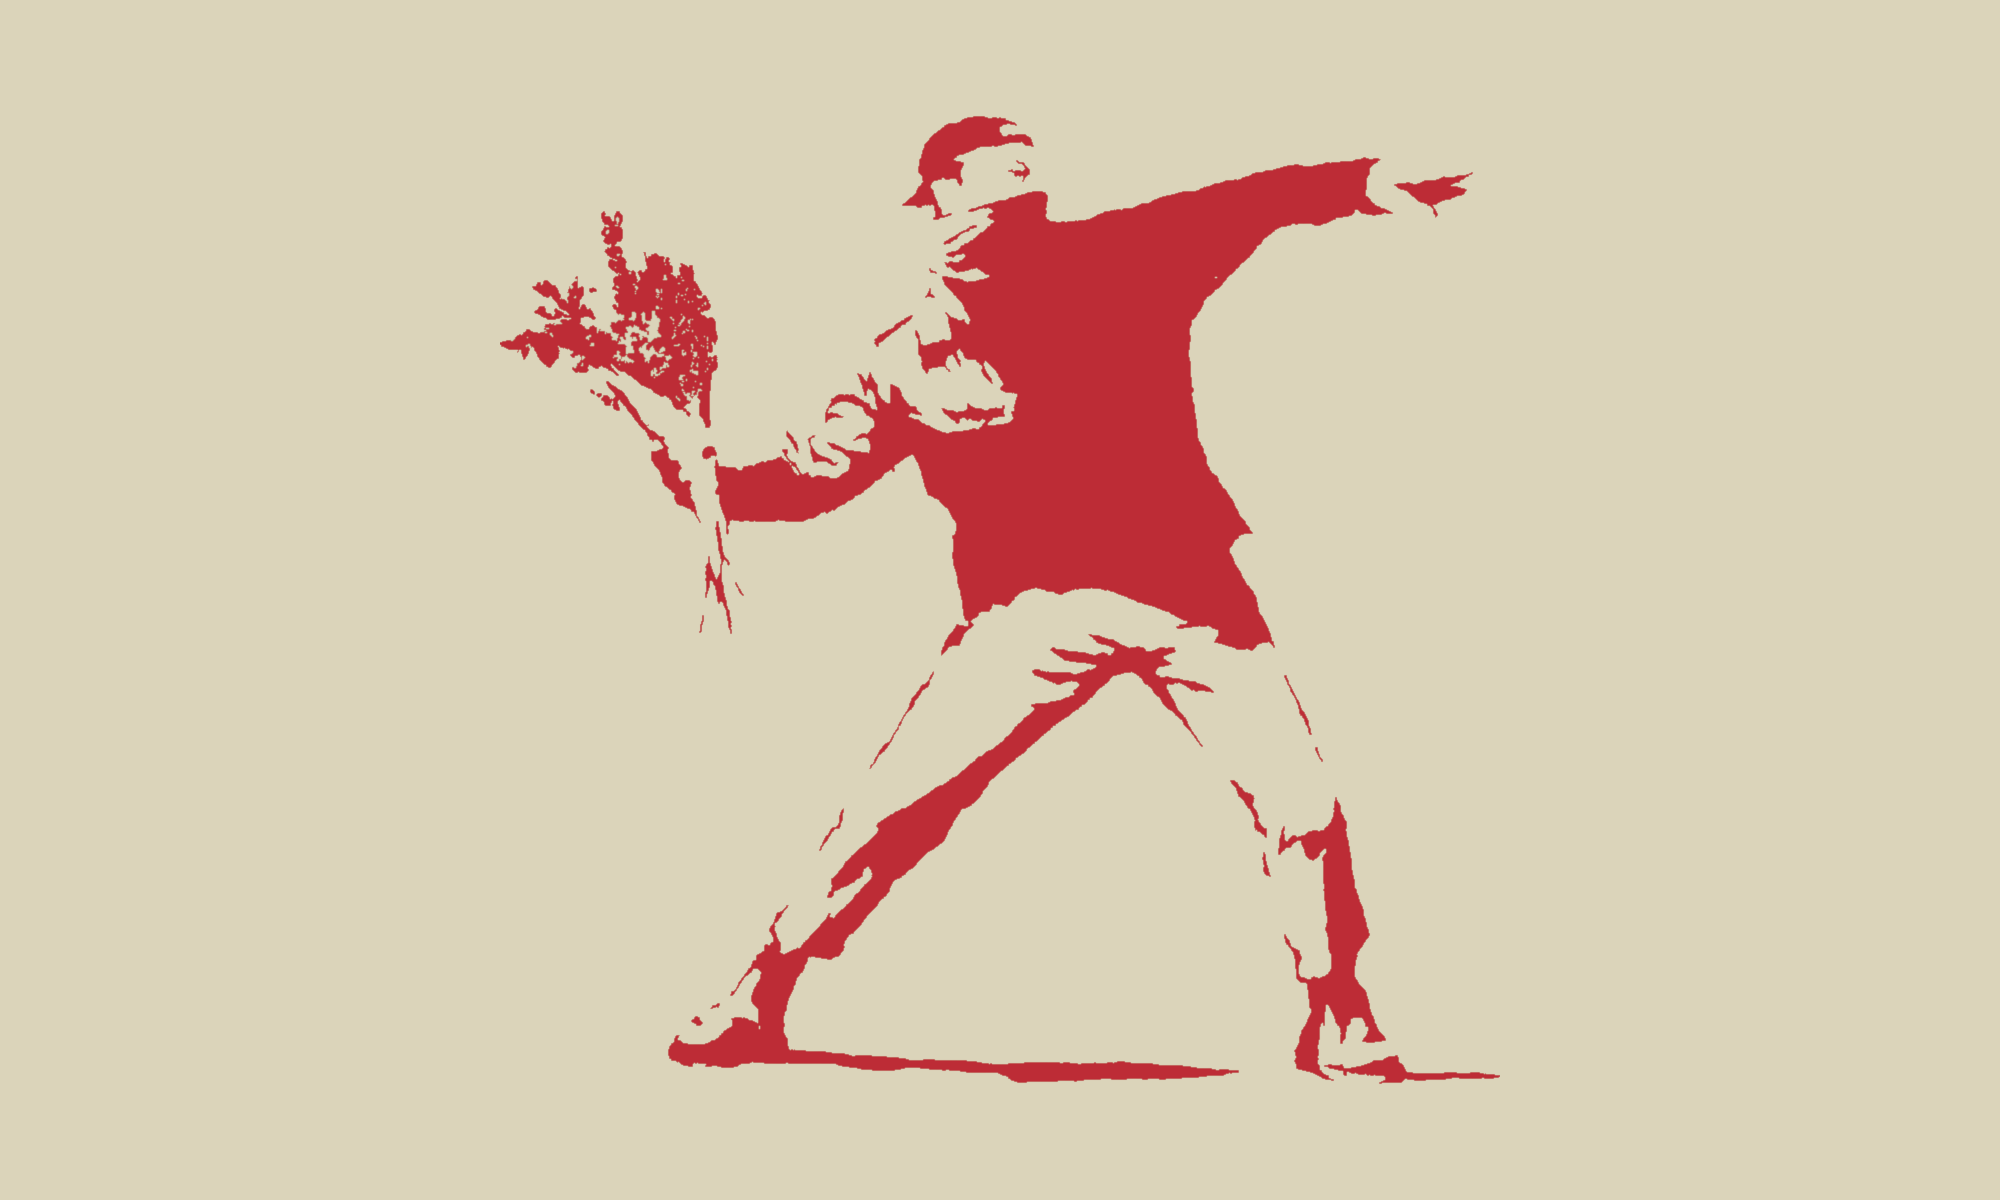 Arte e dissenso politico - ADO Analisidellopera